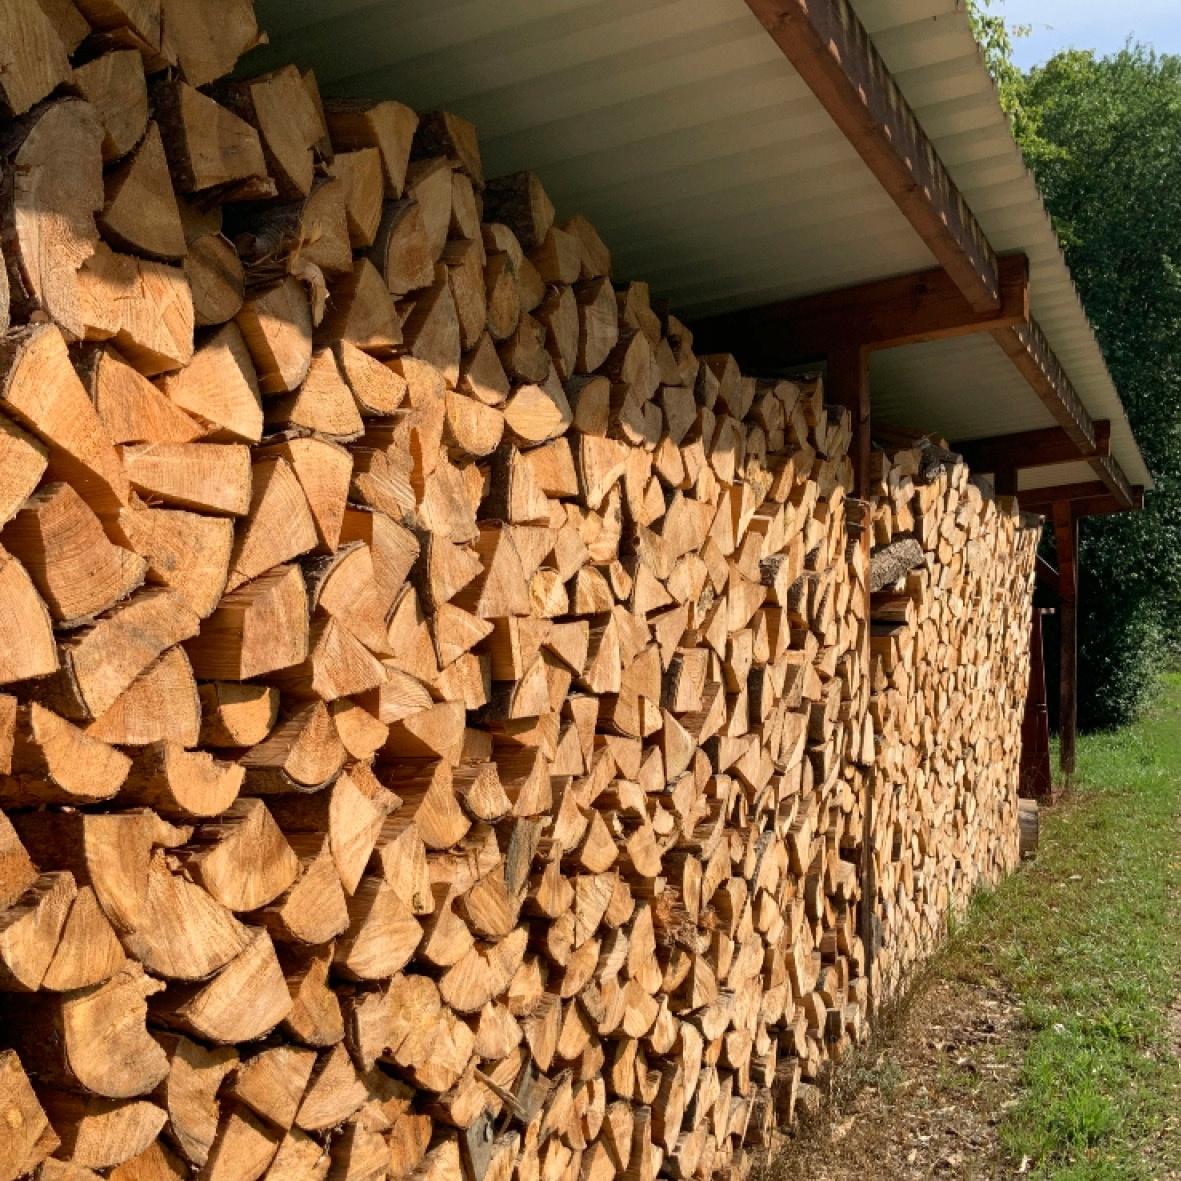 Holzlager im Freien